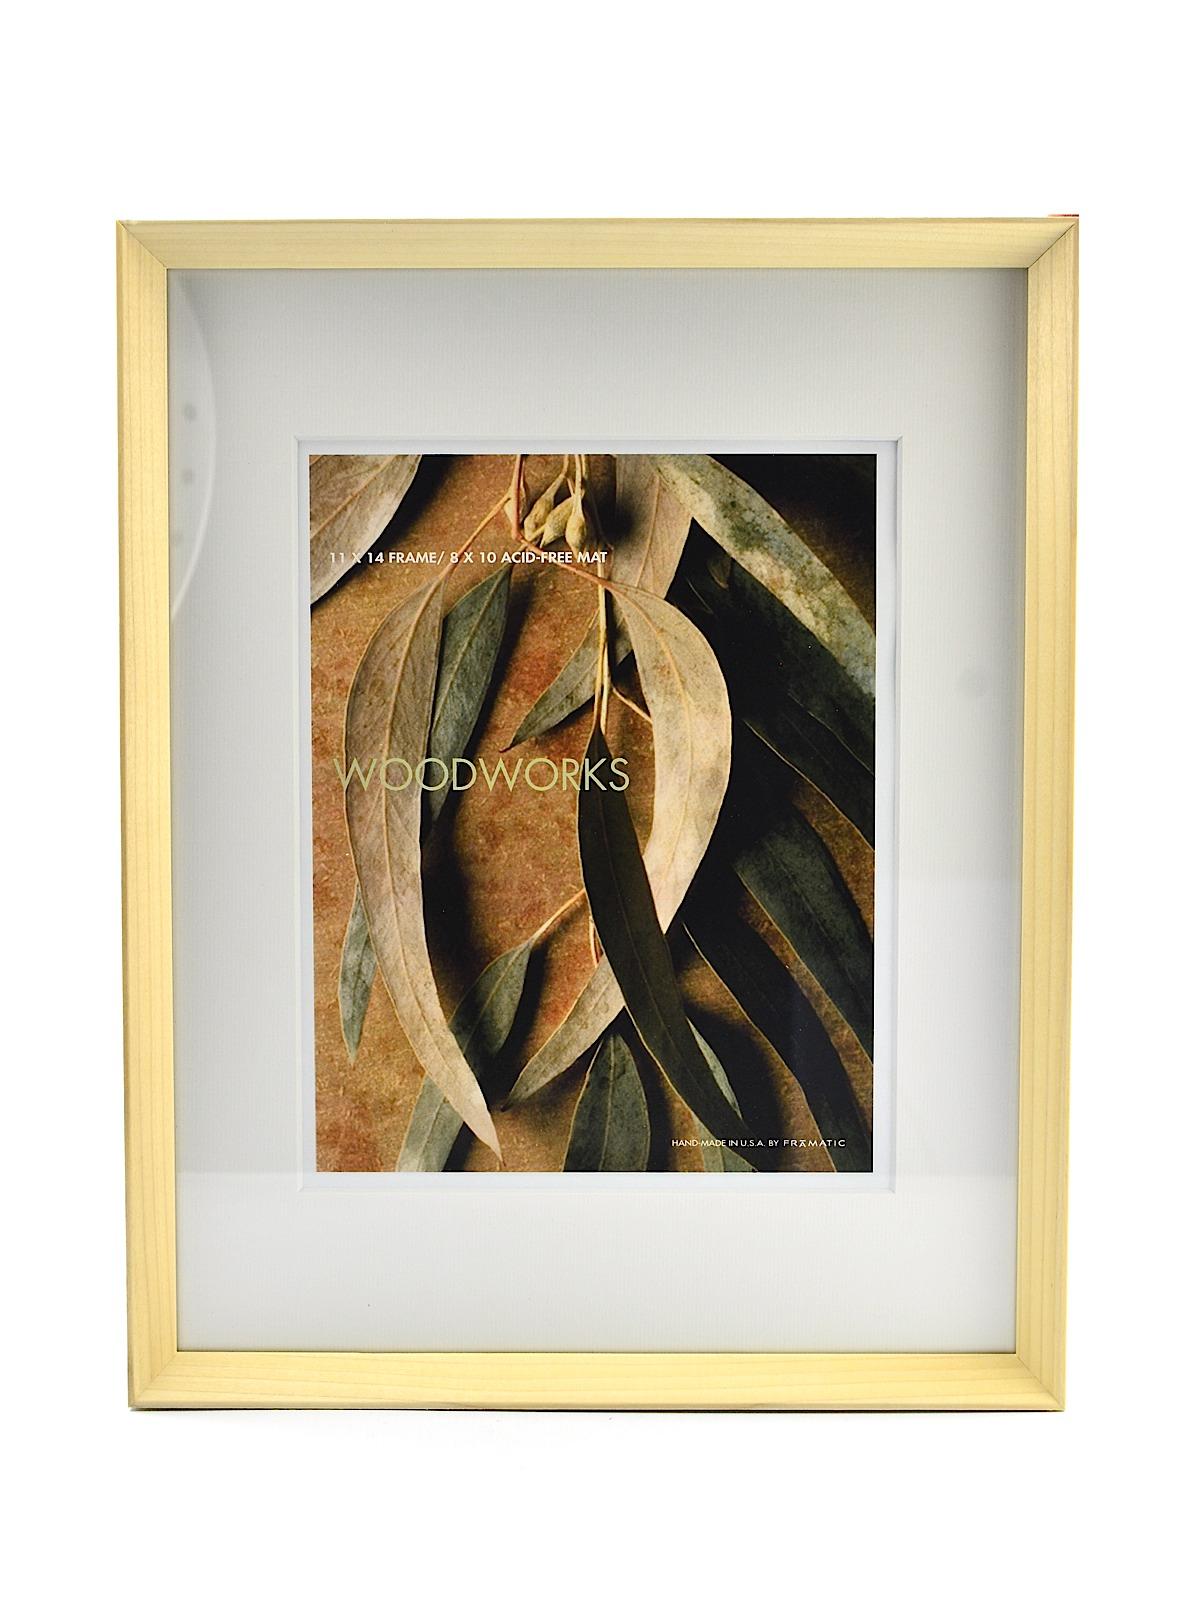 Framatic Woodworks frames | MisterArt.com